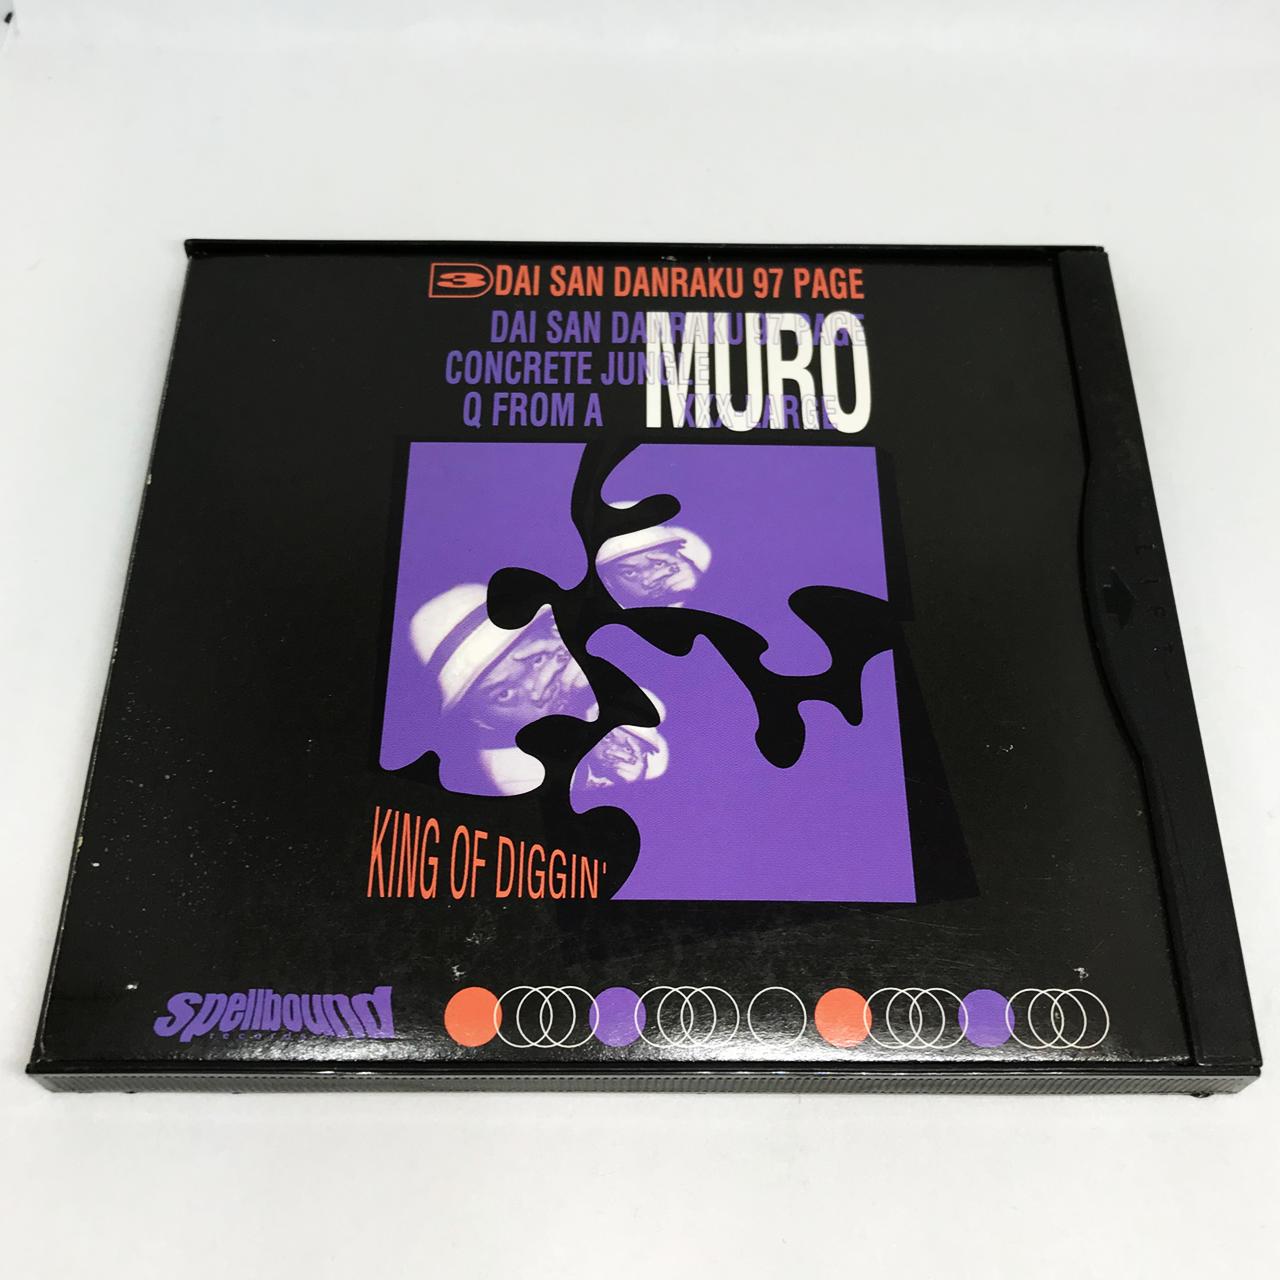 MURO / DAI SAN DANRAKU 97 PAGE